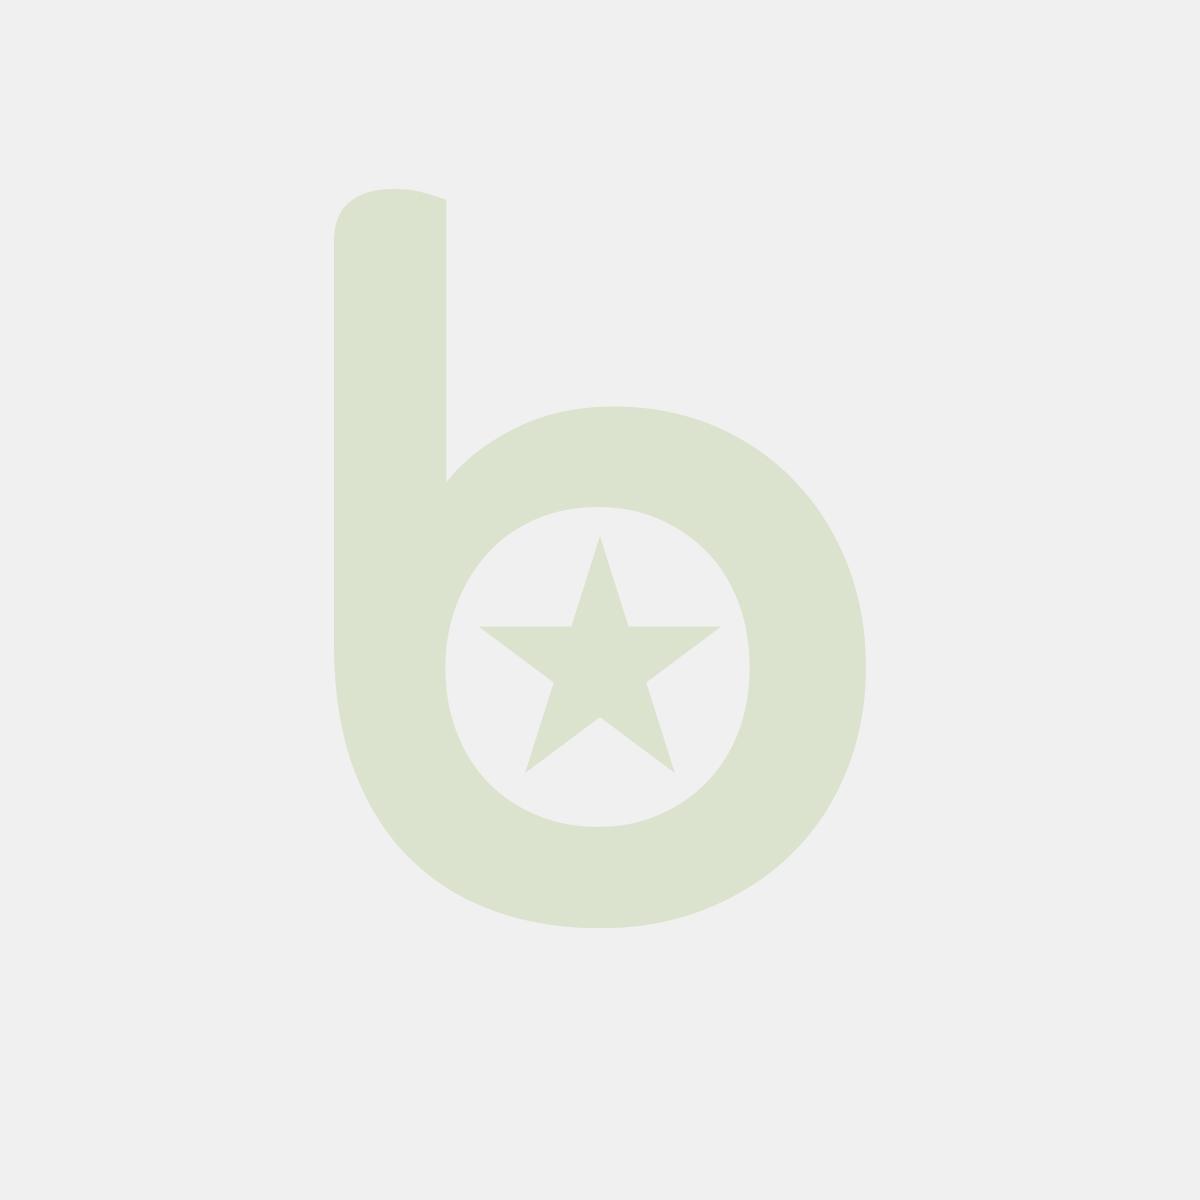 FINGERFOOD - miseczka 200ml PS biała 11x5,8 op. 6 sztuk